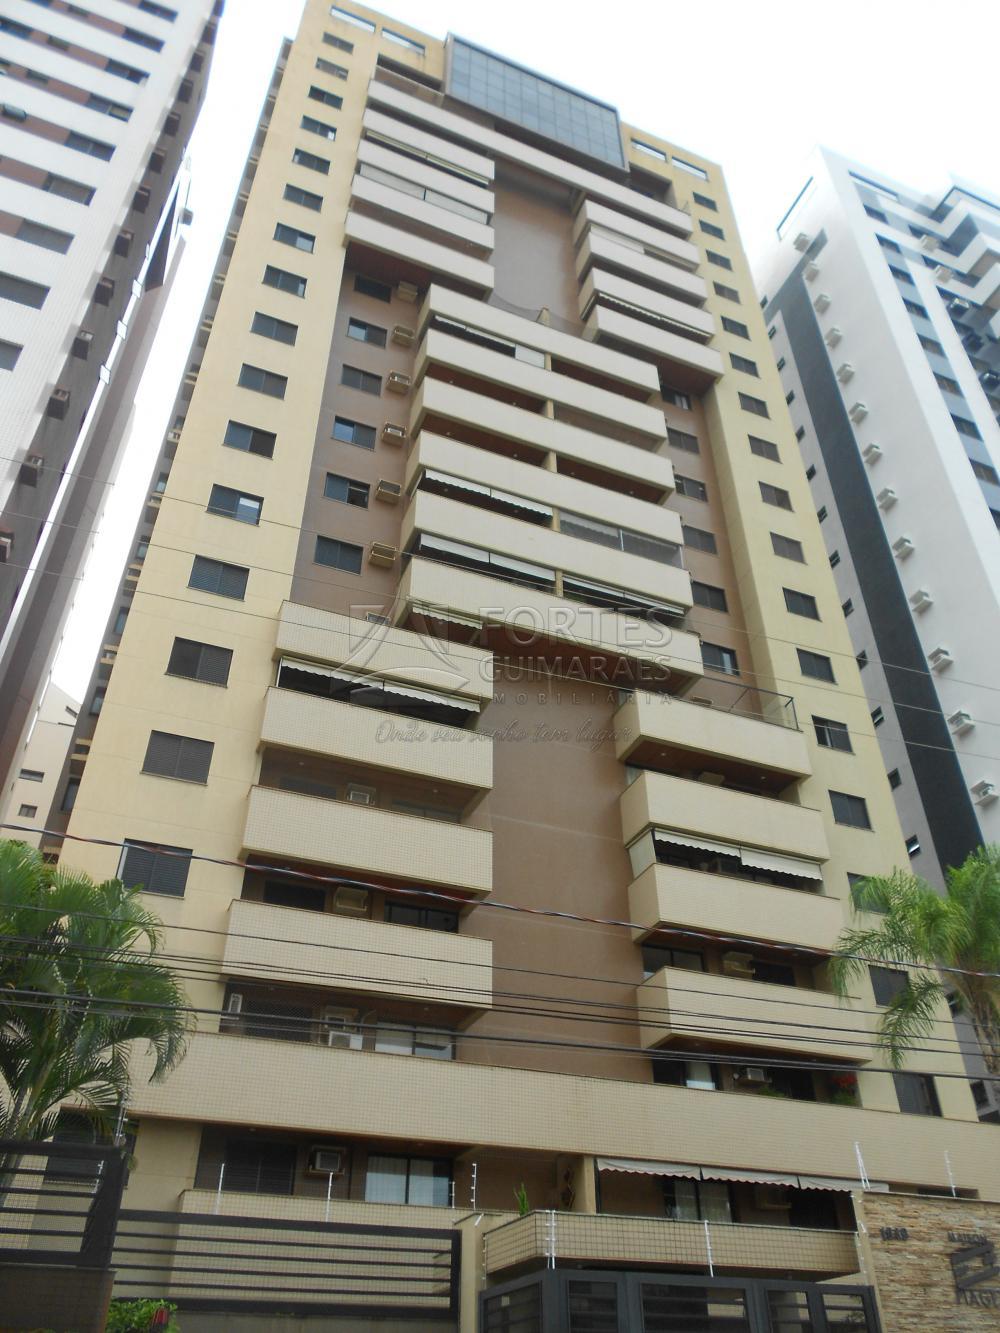 Alugar Apartamentos / Padrão em Ribeirão Preto apenas R$ 2.400,00 - Foto 21